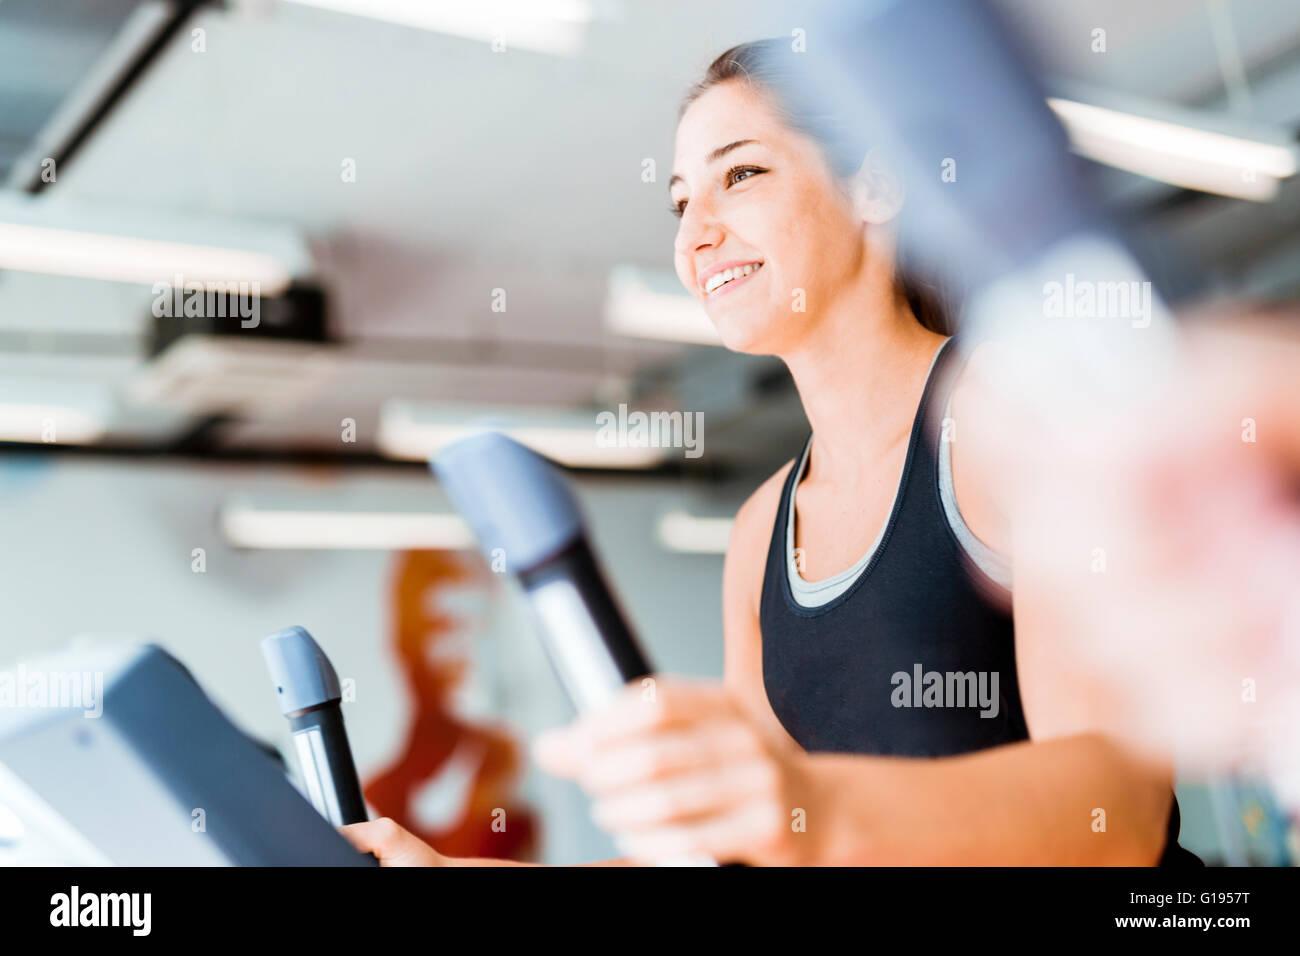 Belle jeune fille à l'aide de l'entraîneur elliptique dans une salle de sport dans un esprit positif Photo Stock